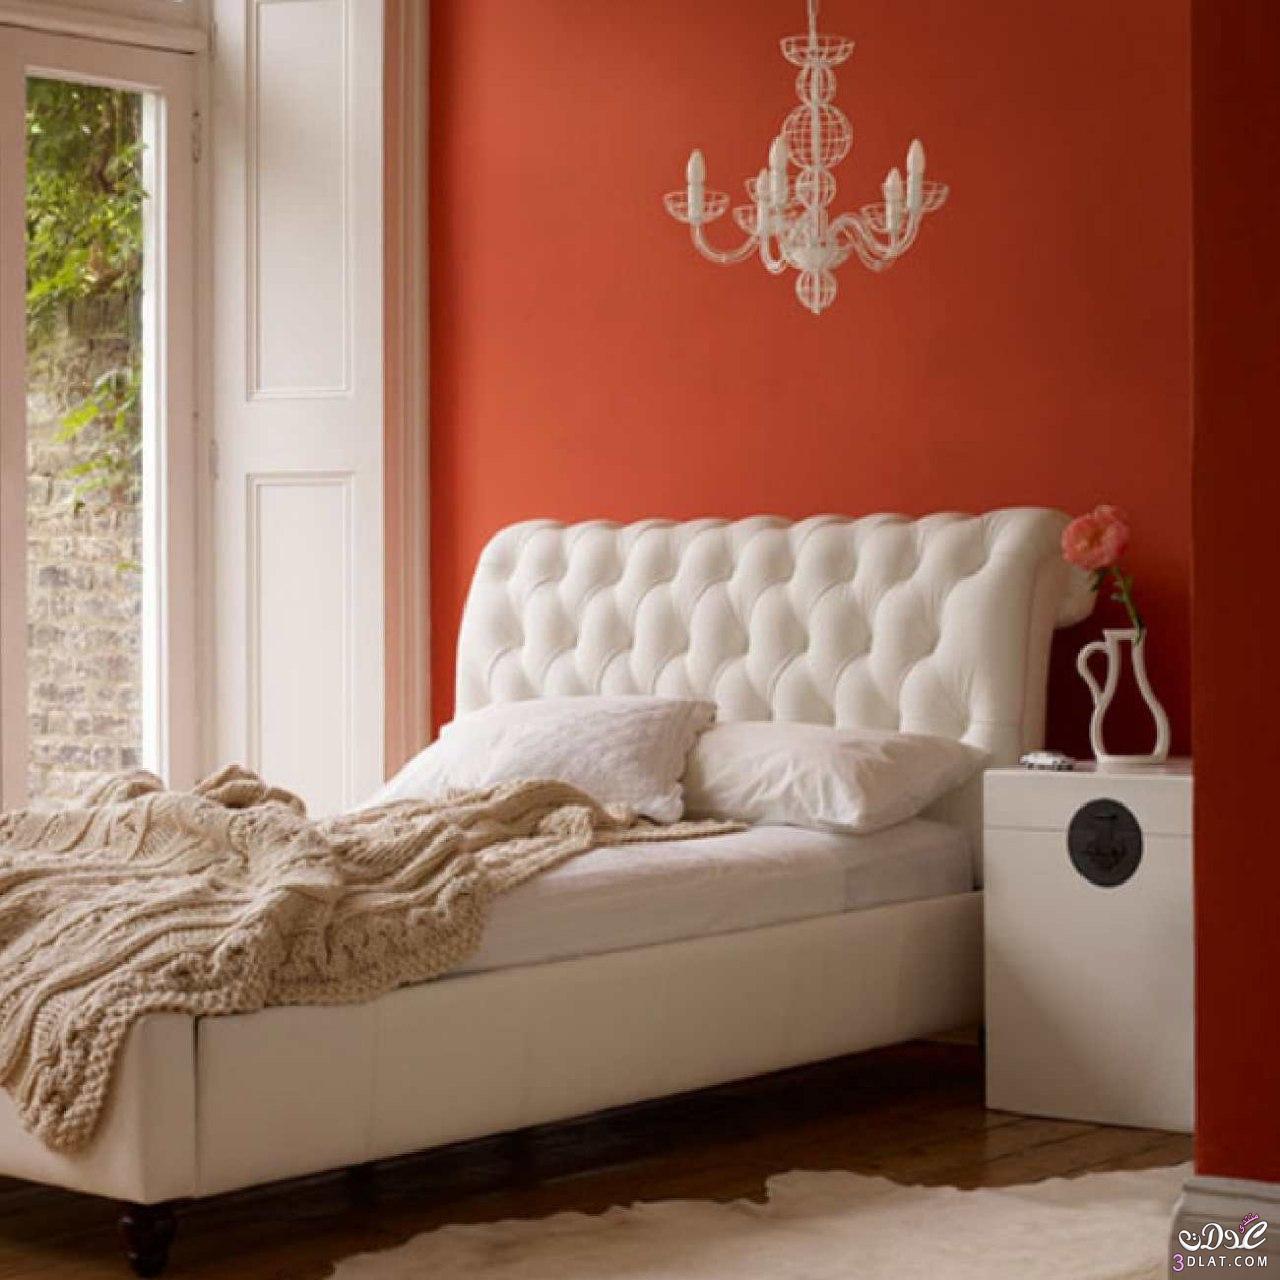 اللون البرتقالي.. سحر الحياة في منزلك 2014 13888563802.jpg